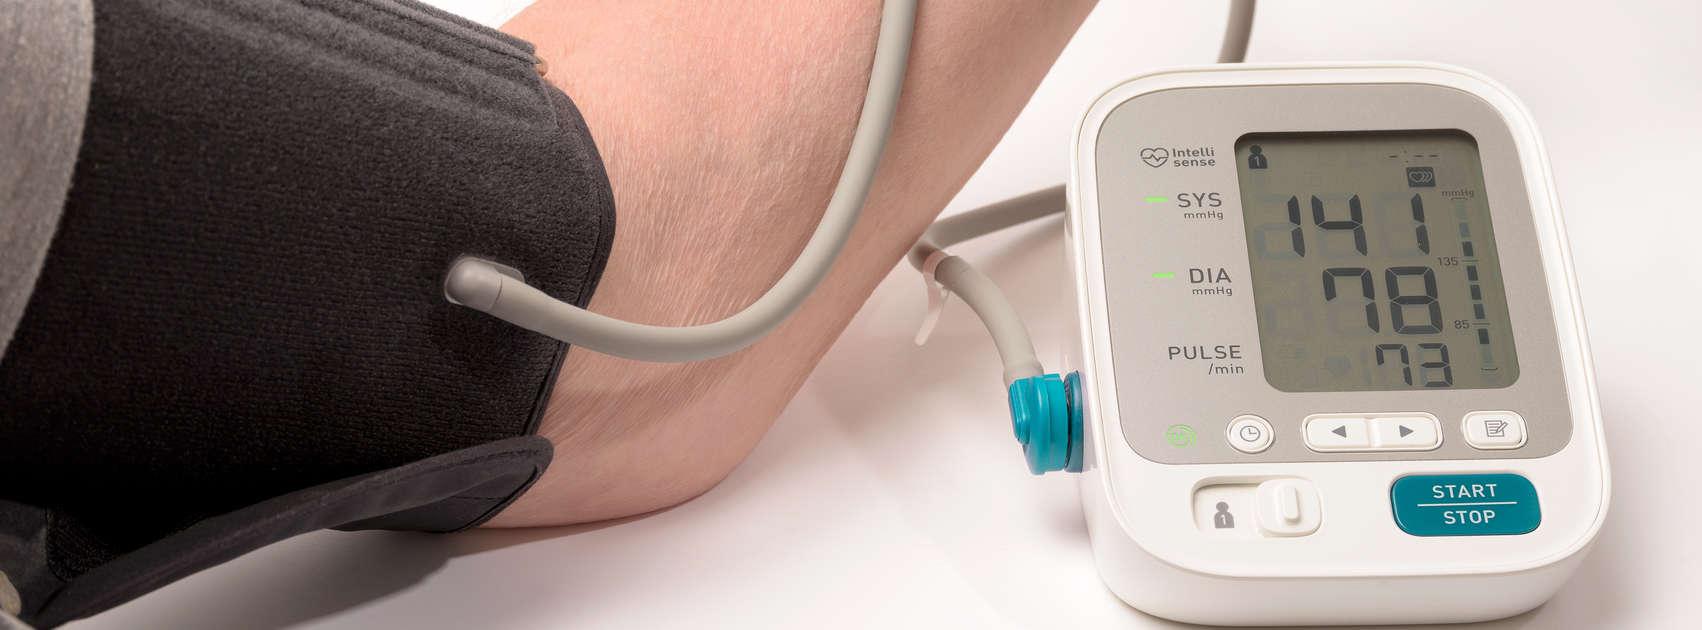 Bloeddrukmeter kopen: waar op letten?